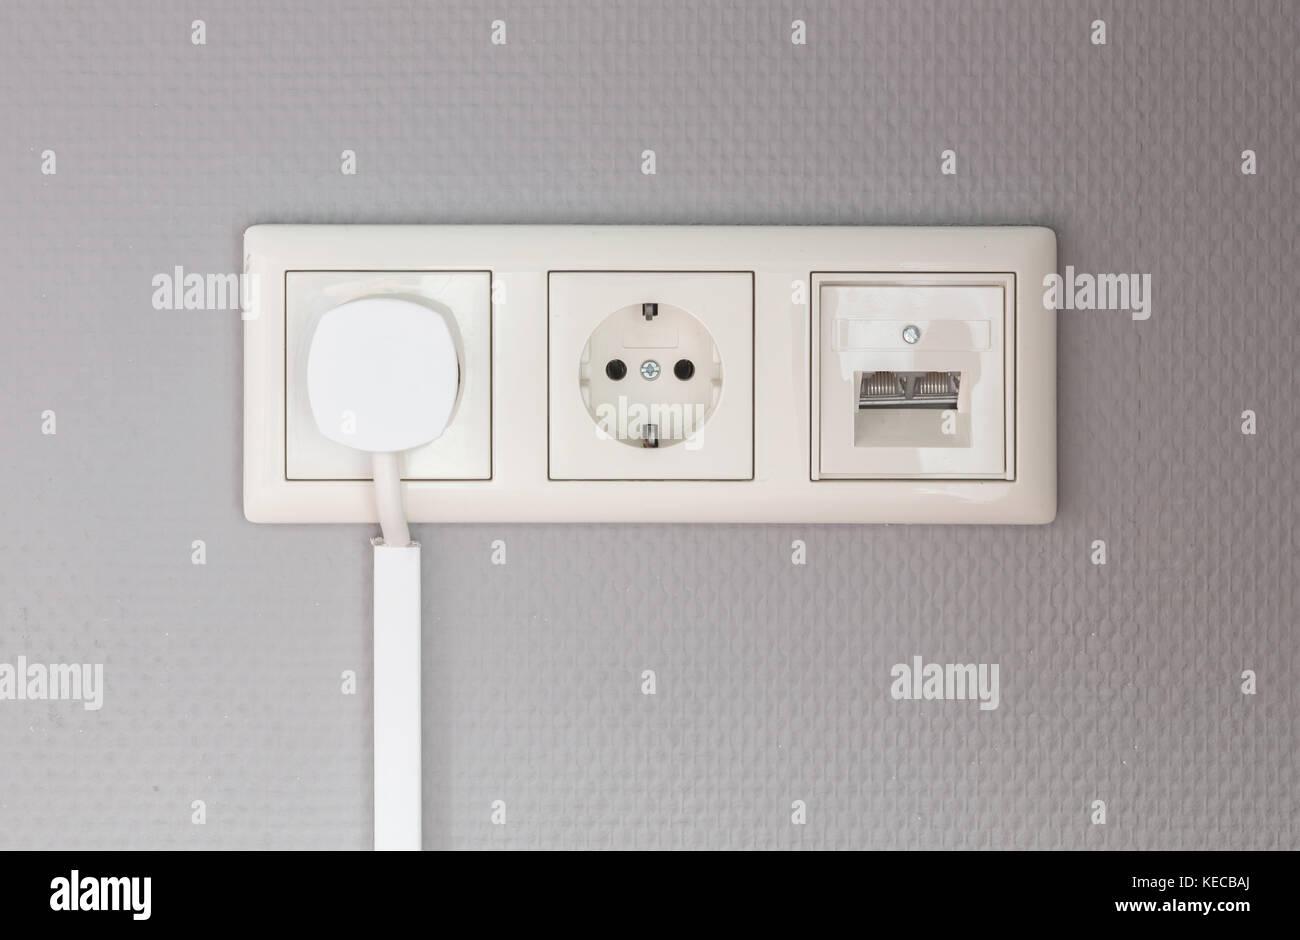 Ausgezeichnet Electricity Supply To House Ideen - Schaltplan Serie ...